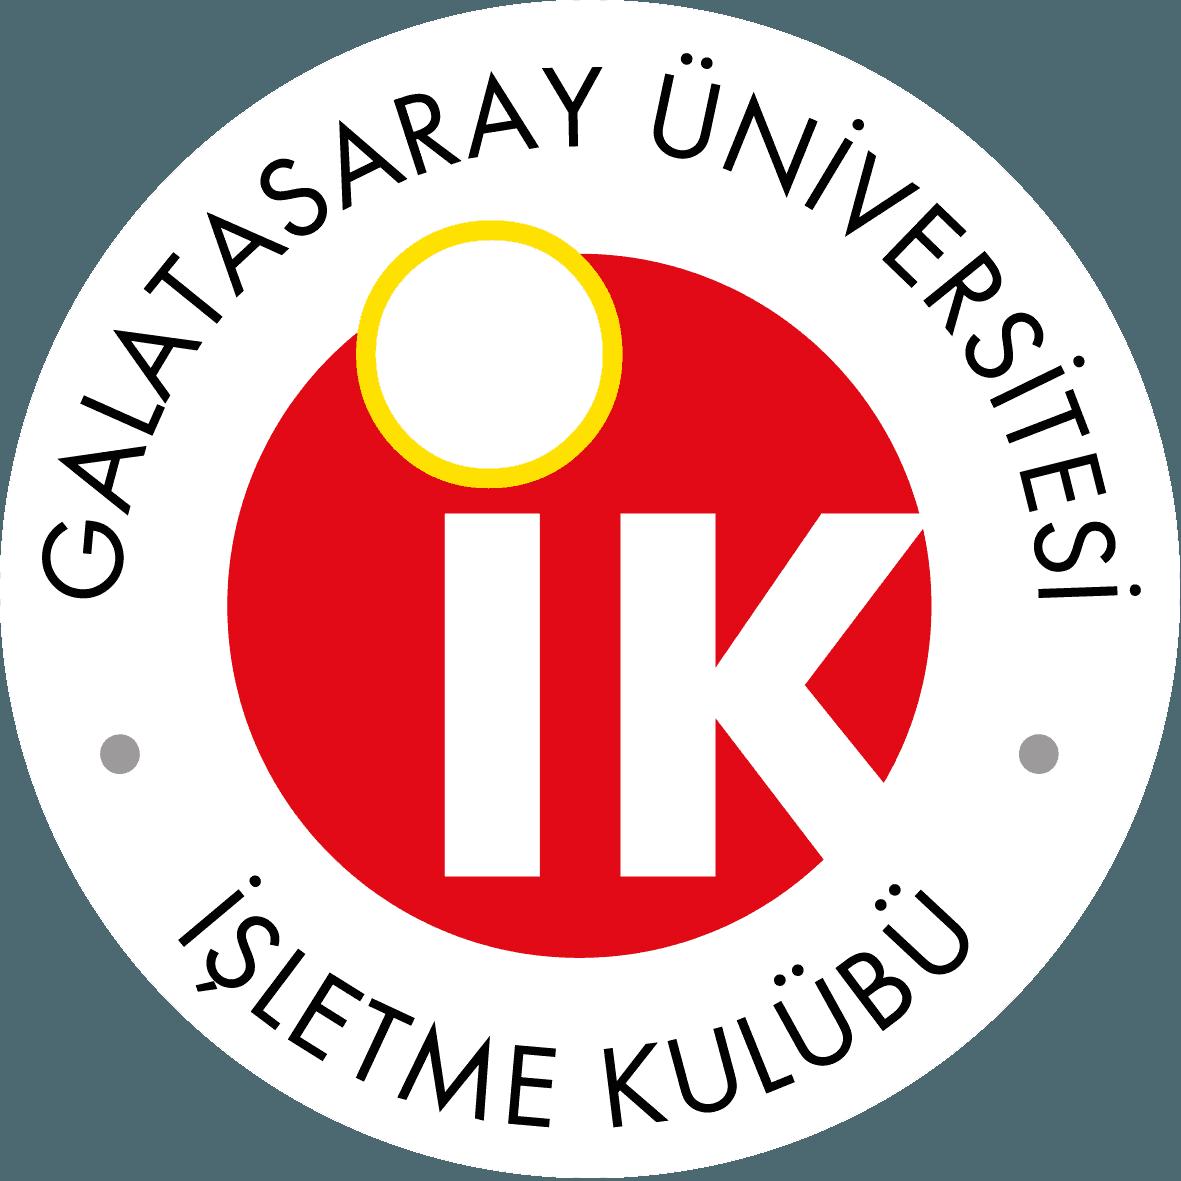 Galatasaray Üniversitesi İşletme Kulübü logosu